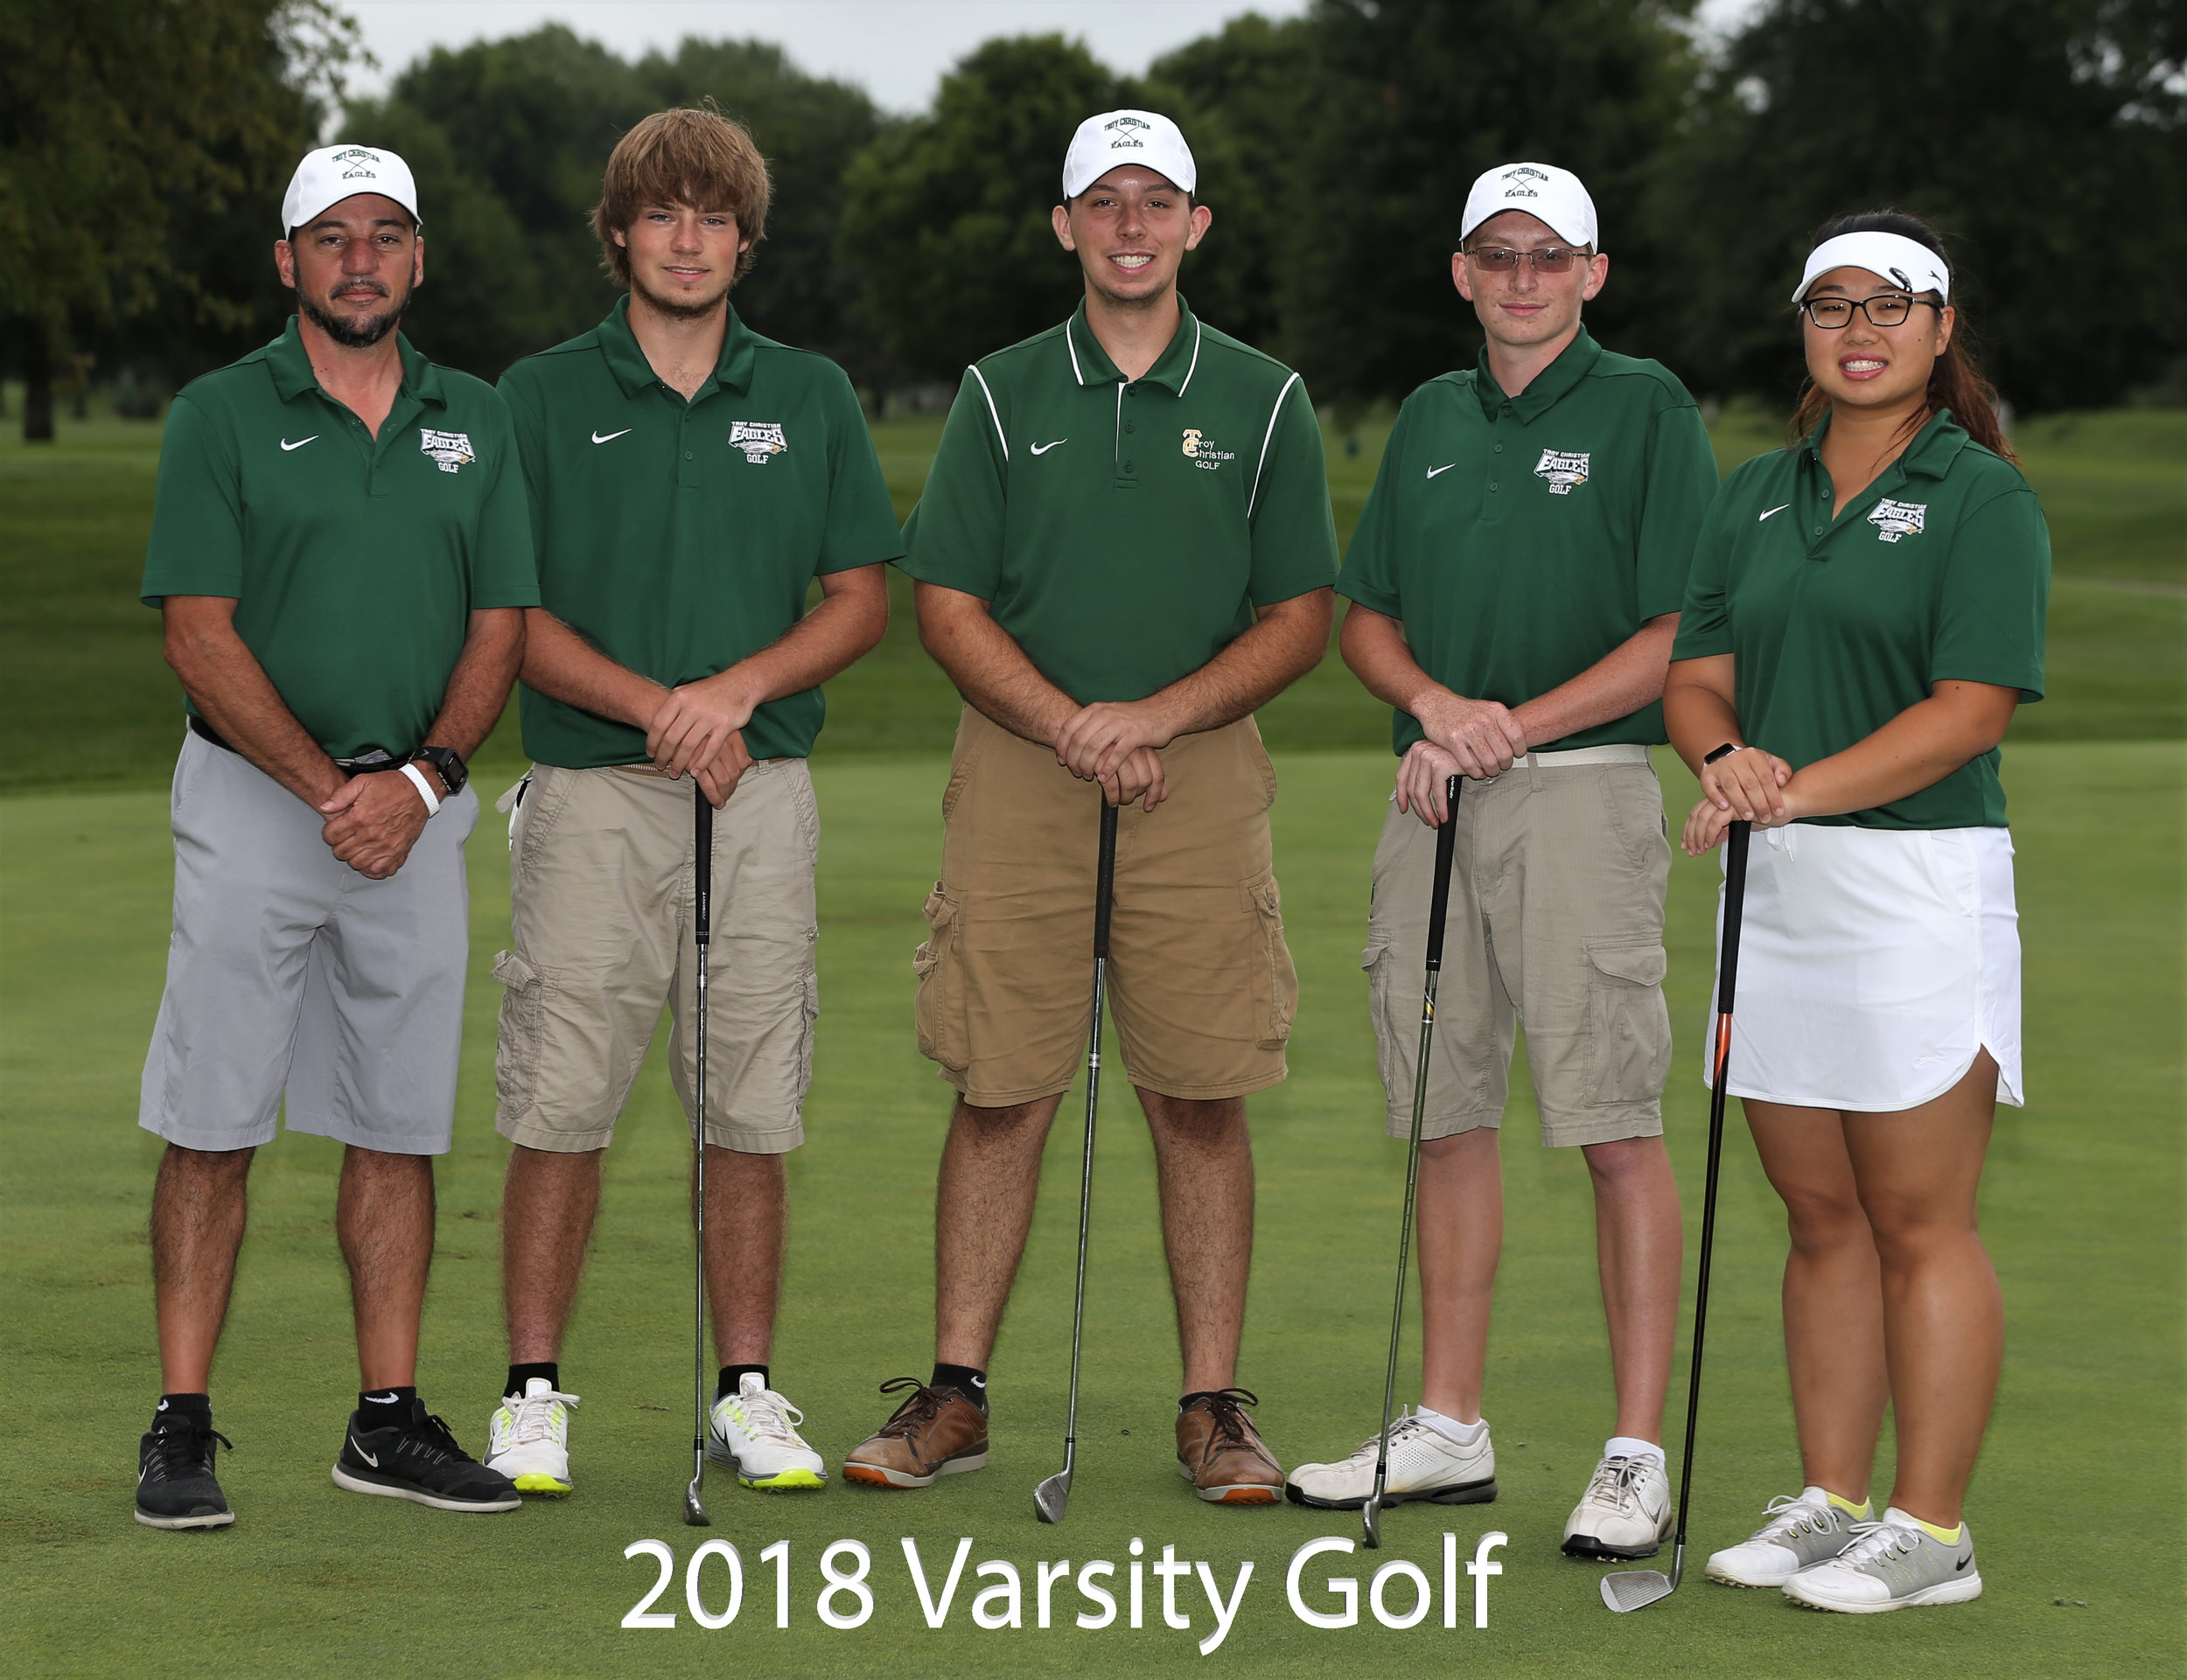 2017 Varsity Golf